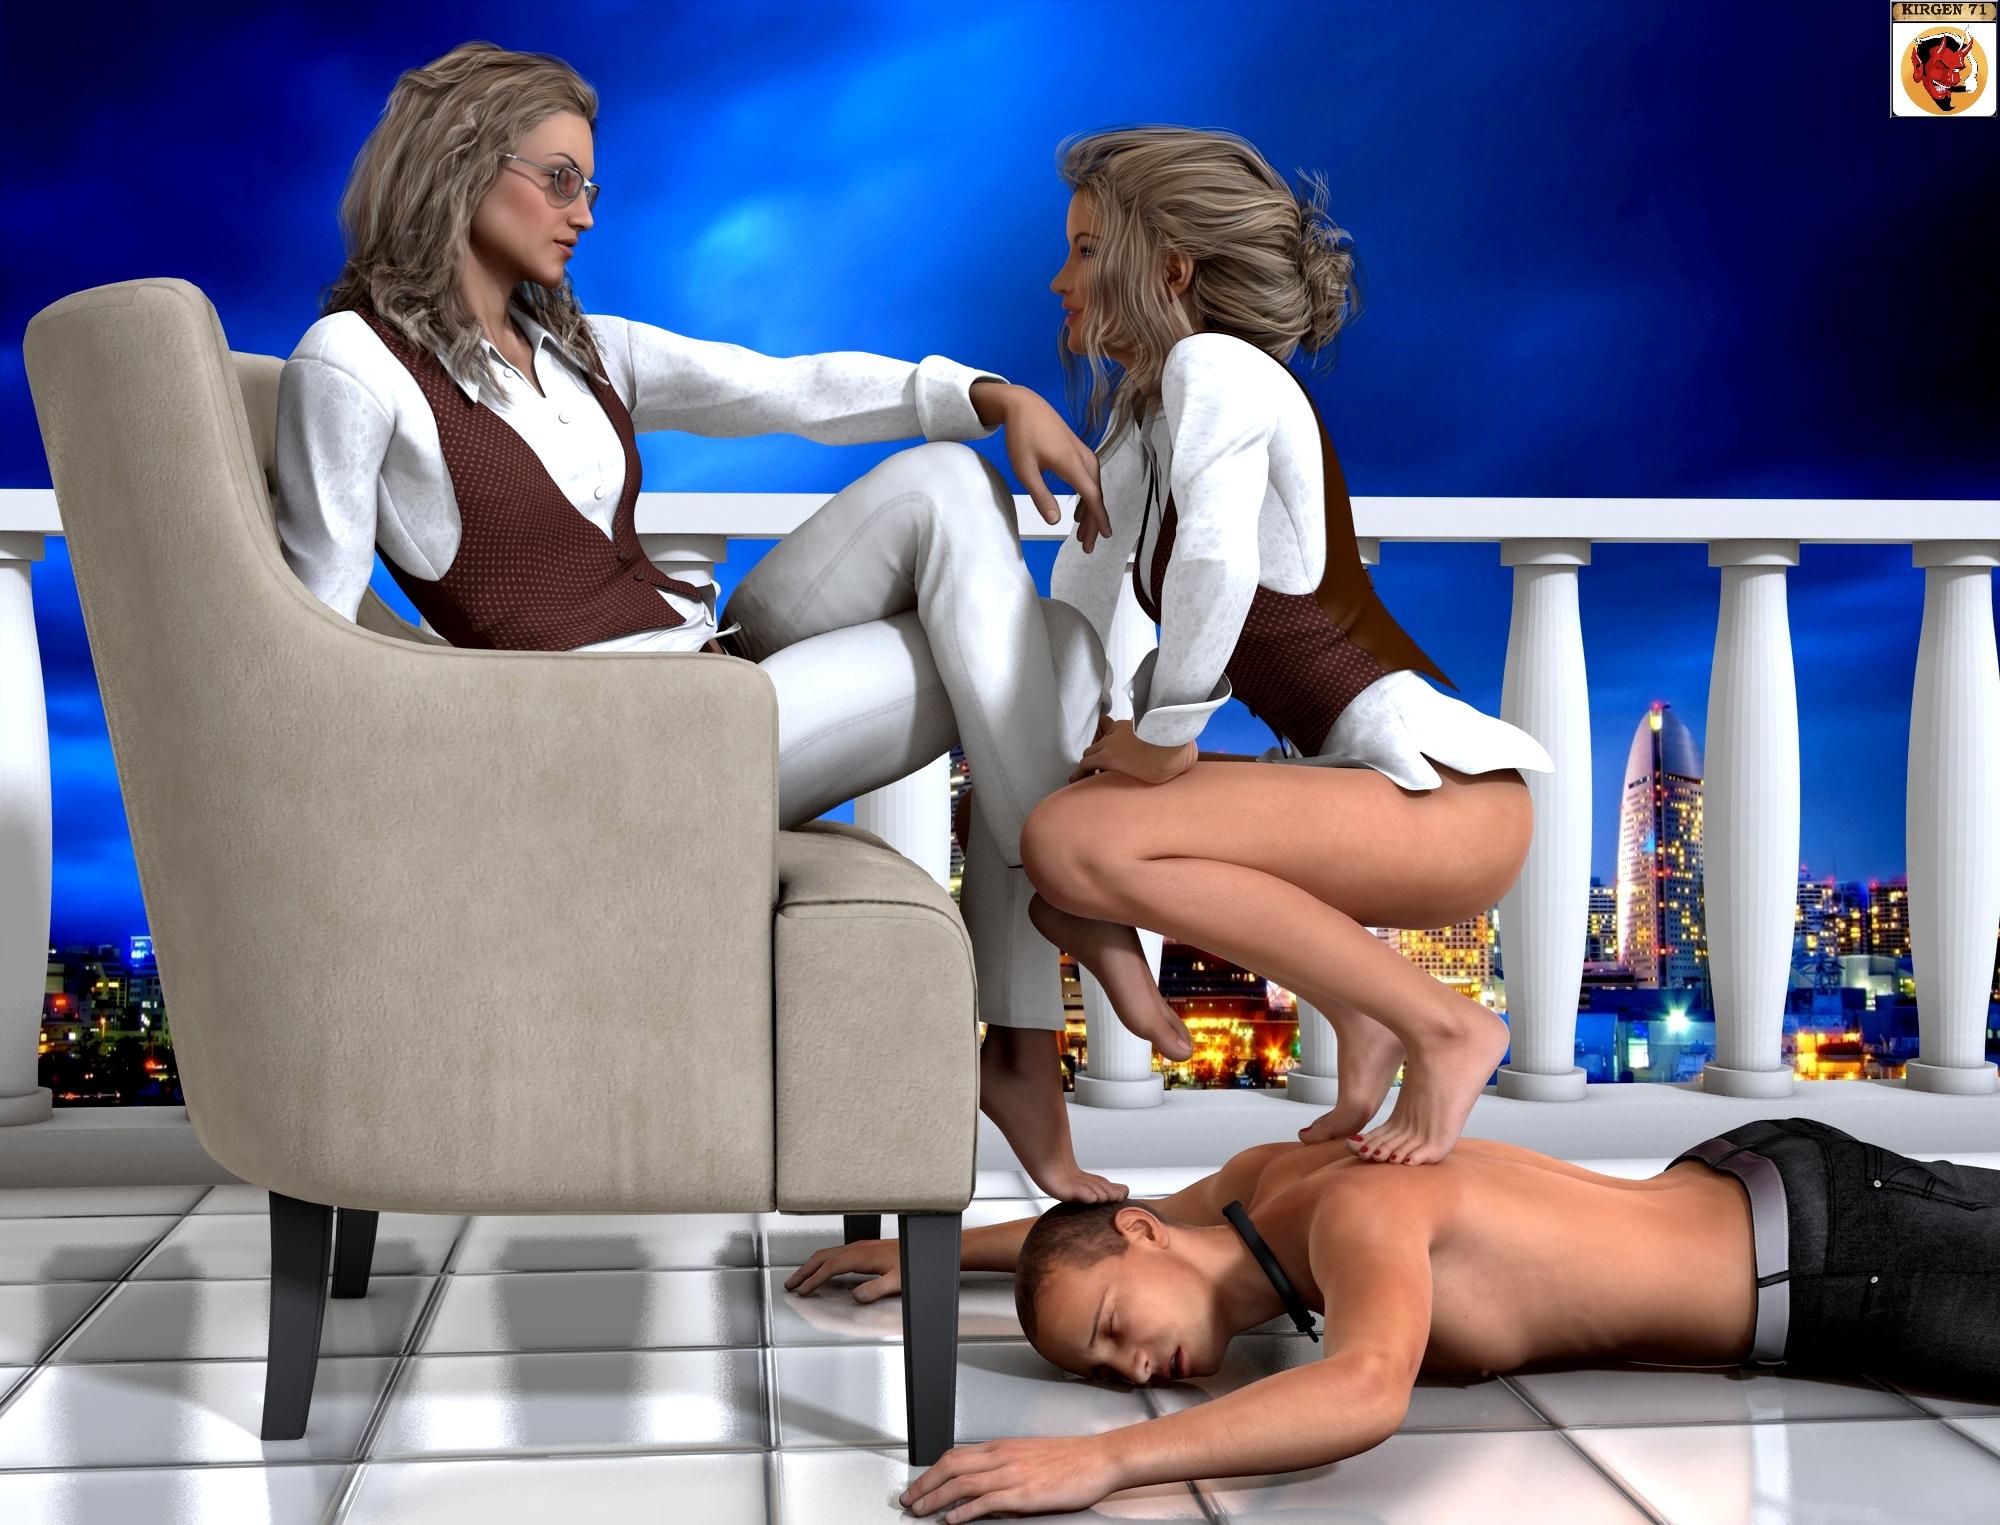 Footstool slave